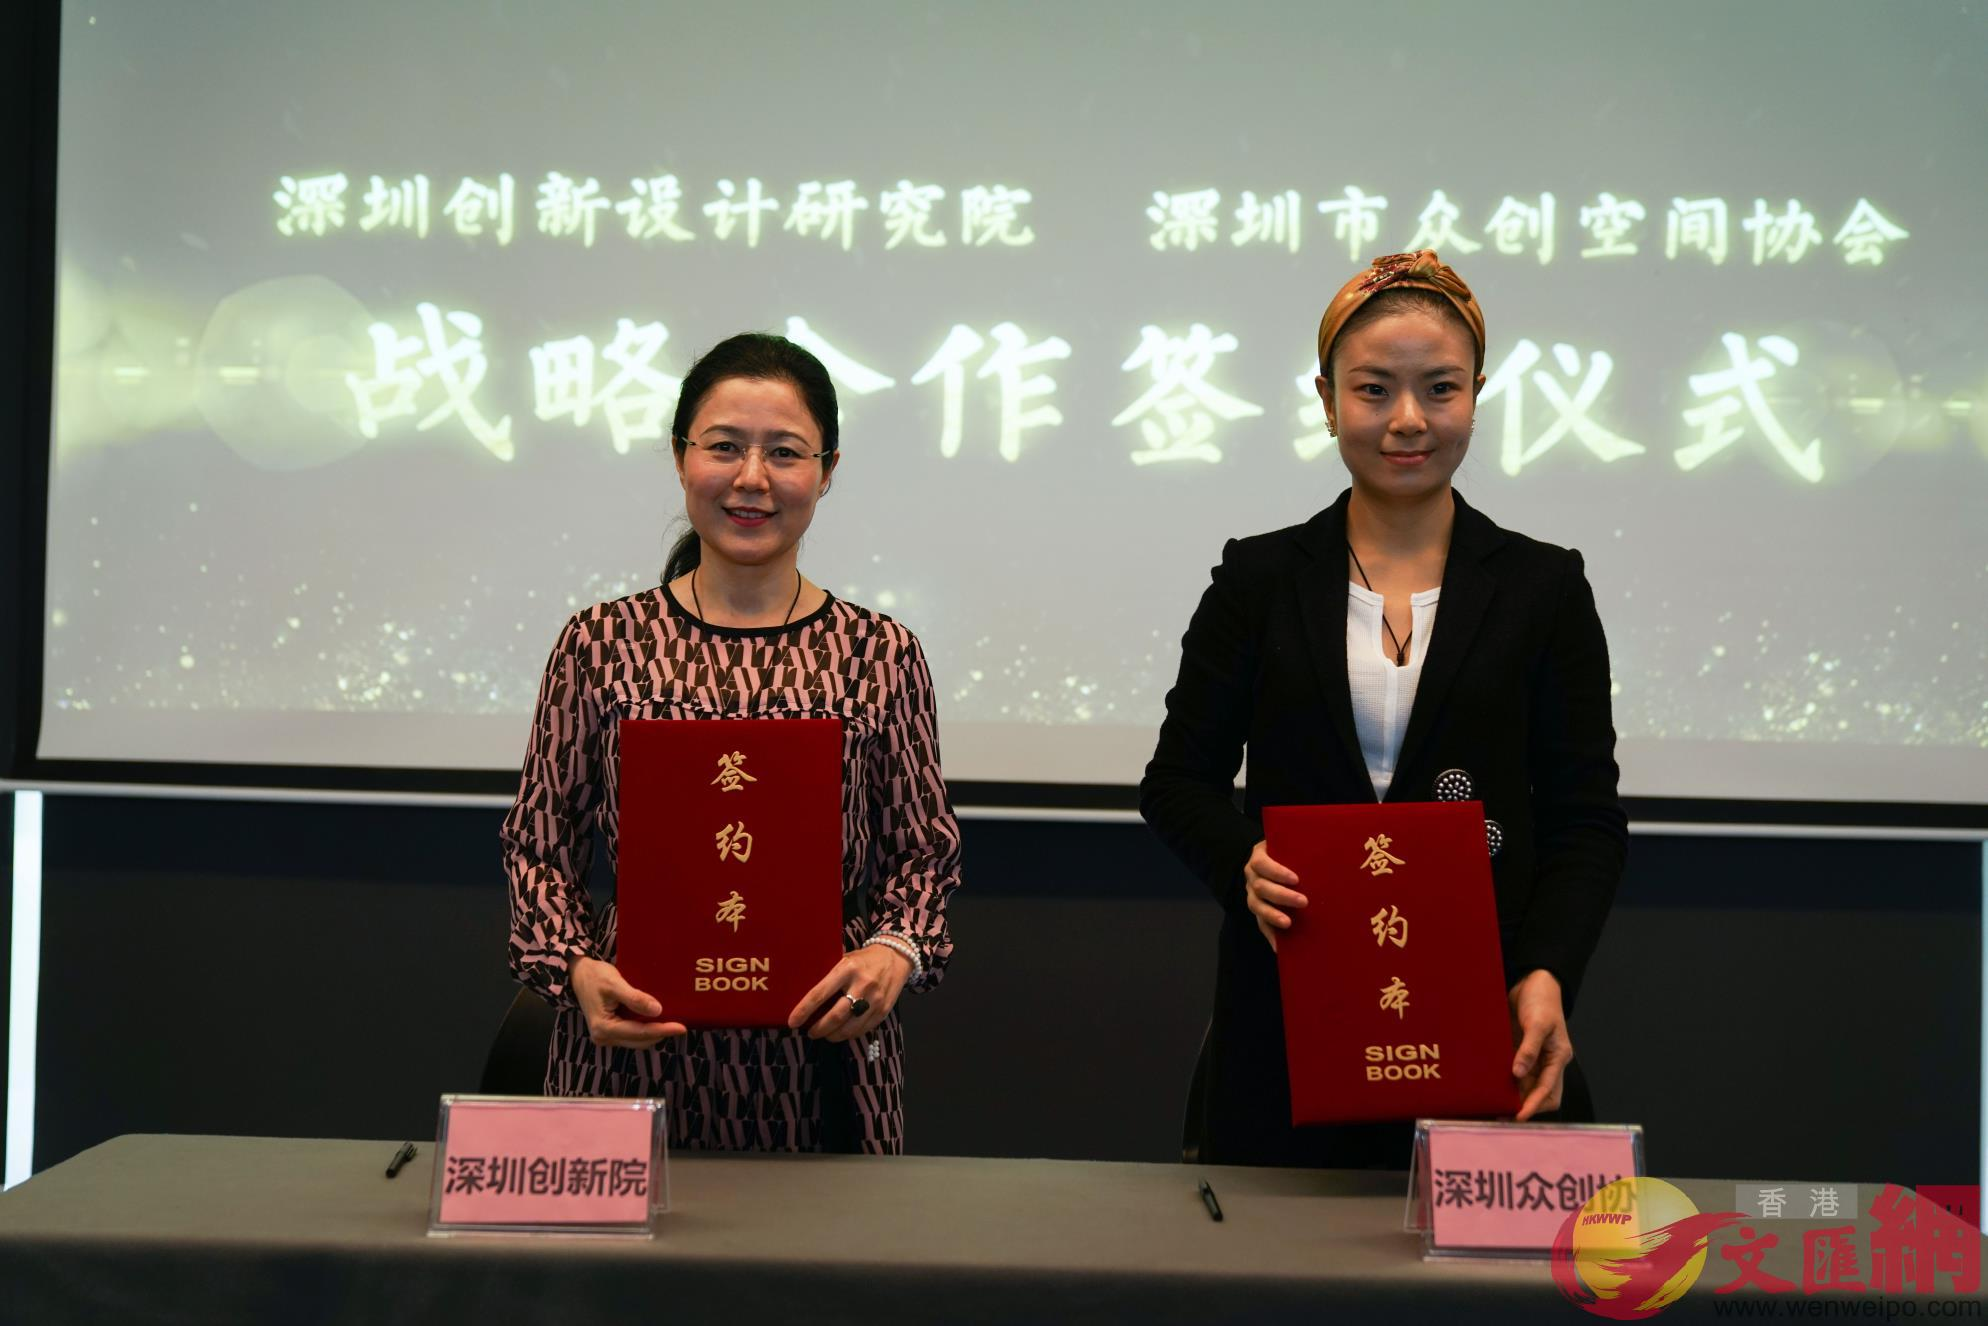 深圳創新設計研究院與深圳市眾創空間協會簽約(記者 何花 攝)